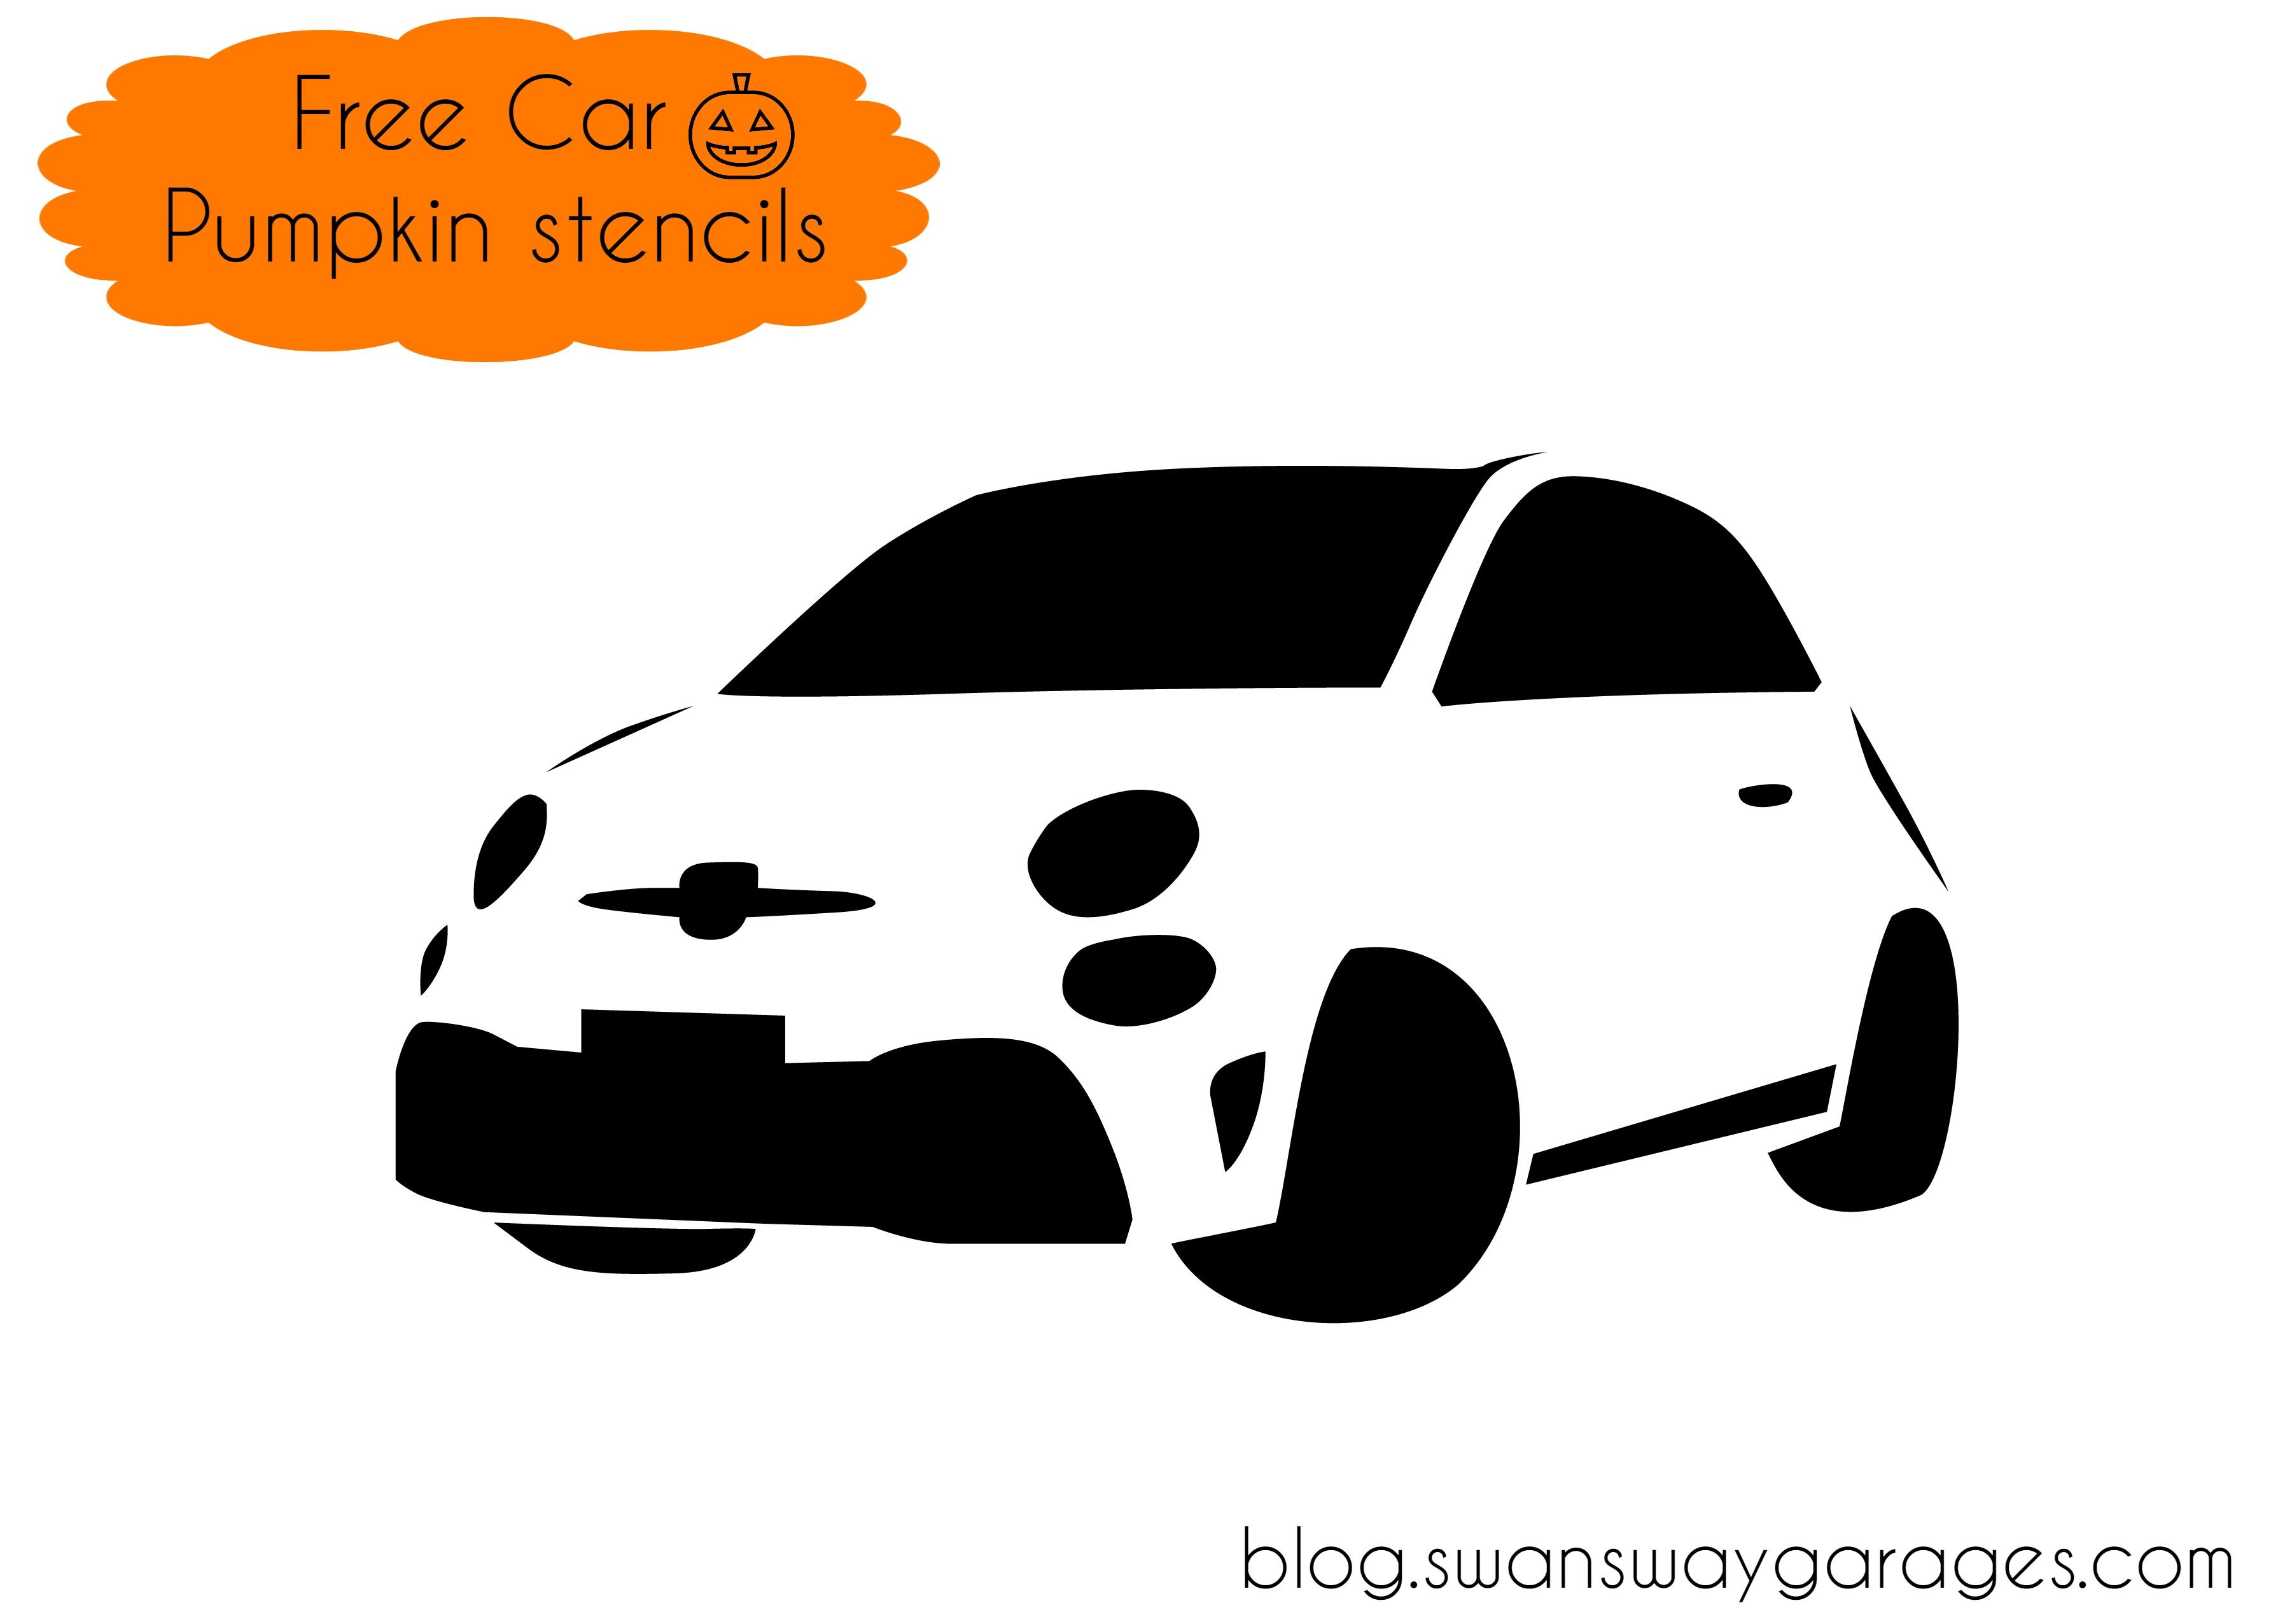 Free Fiat 500 pumpkin stencil